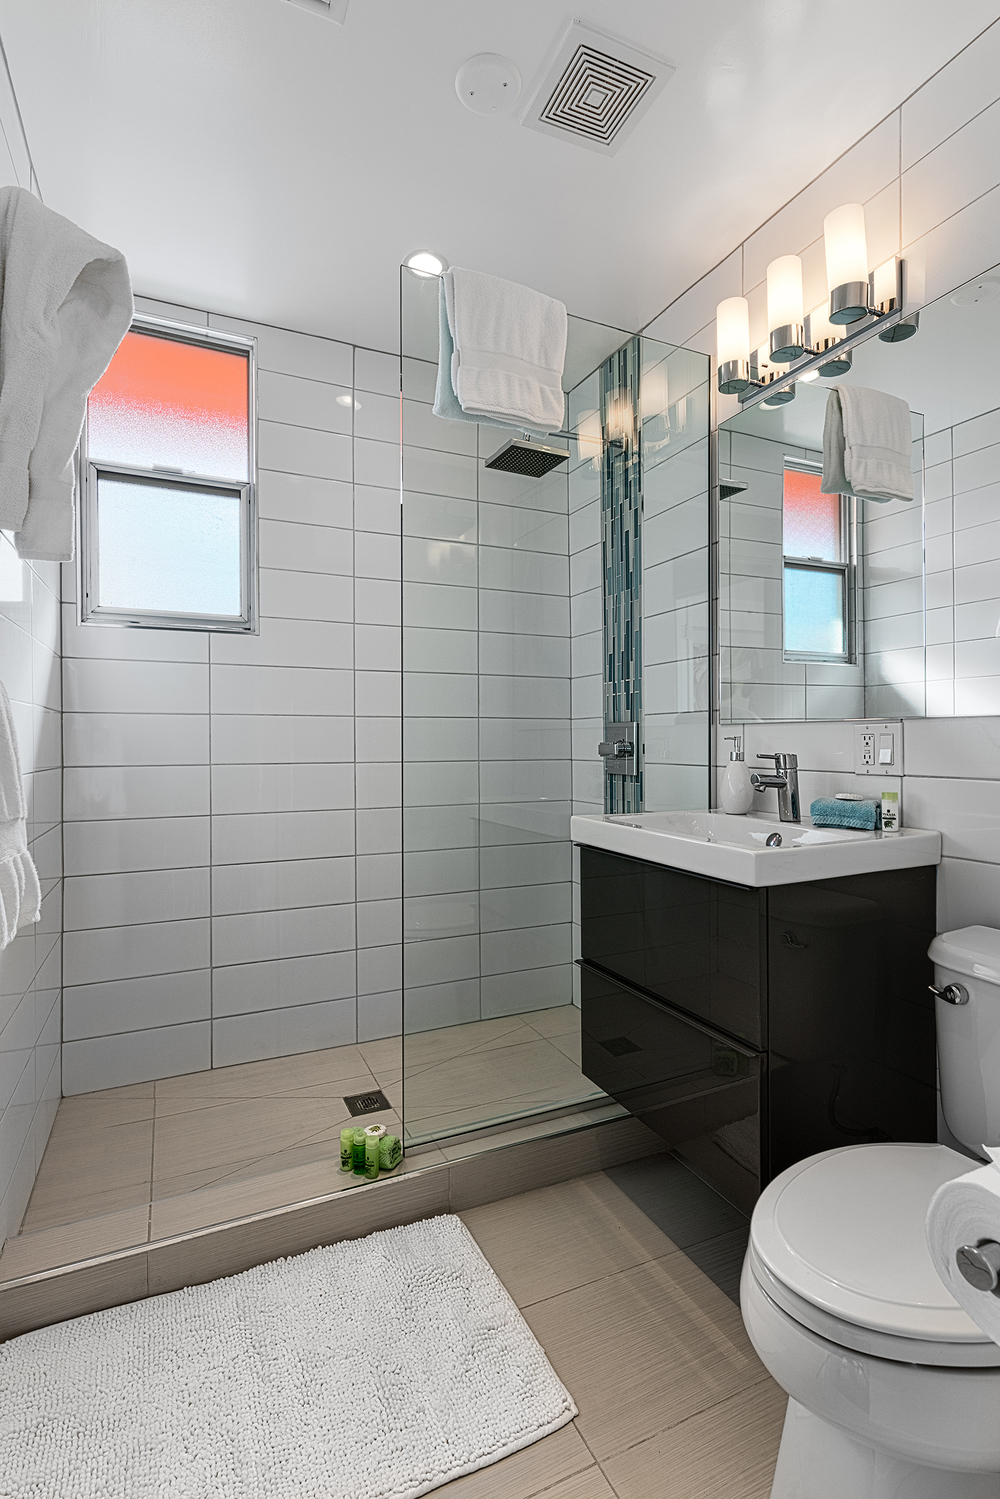 #220 Bathroom